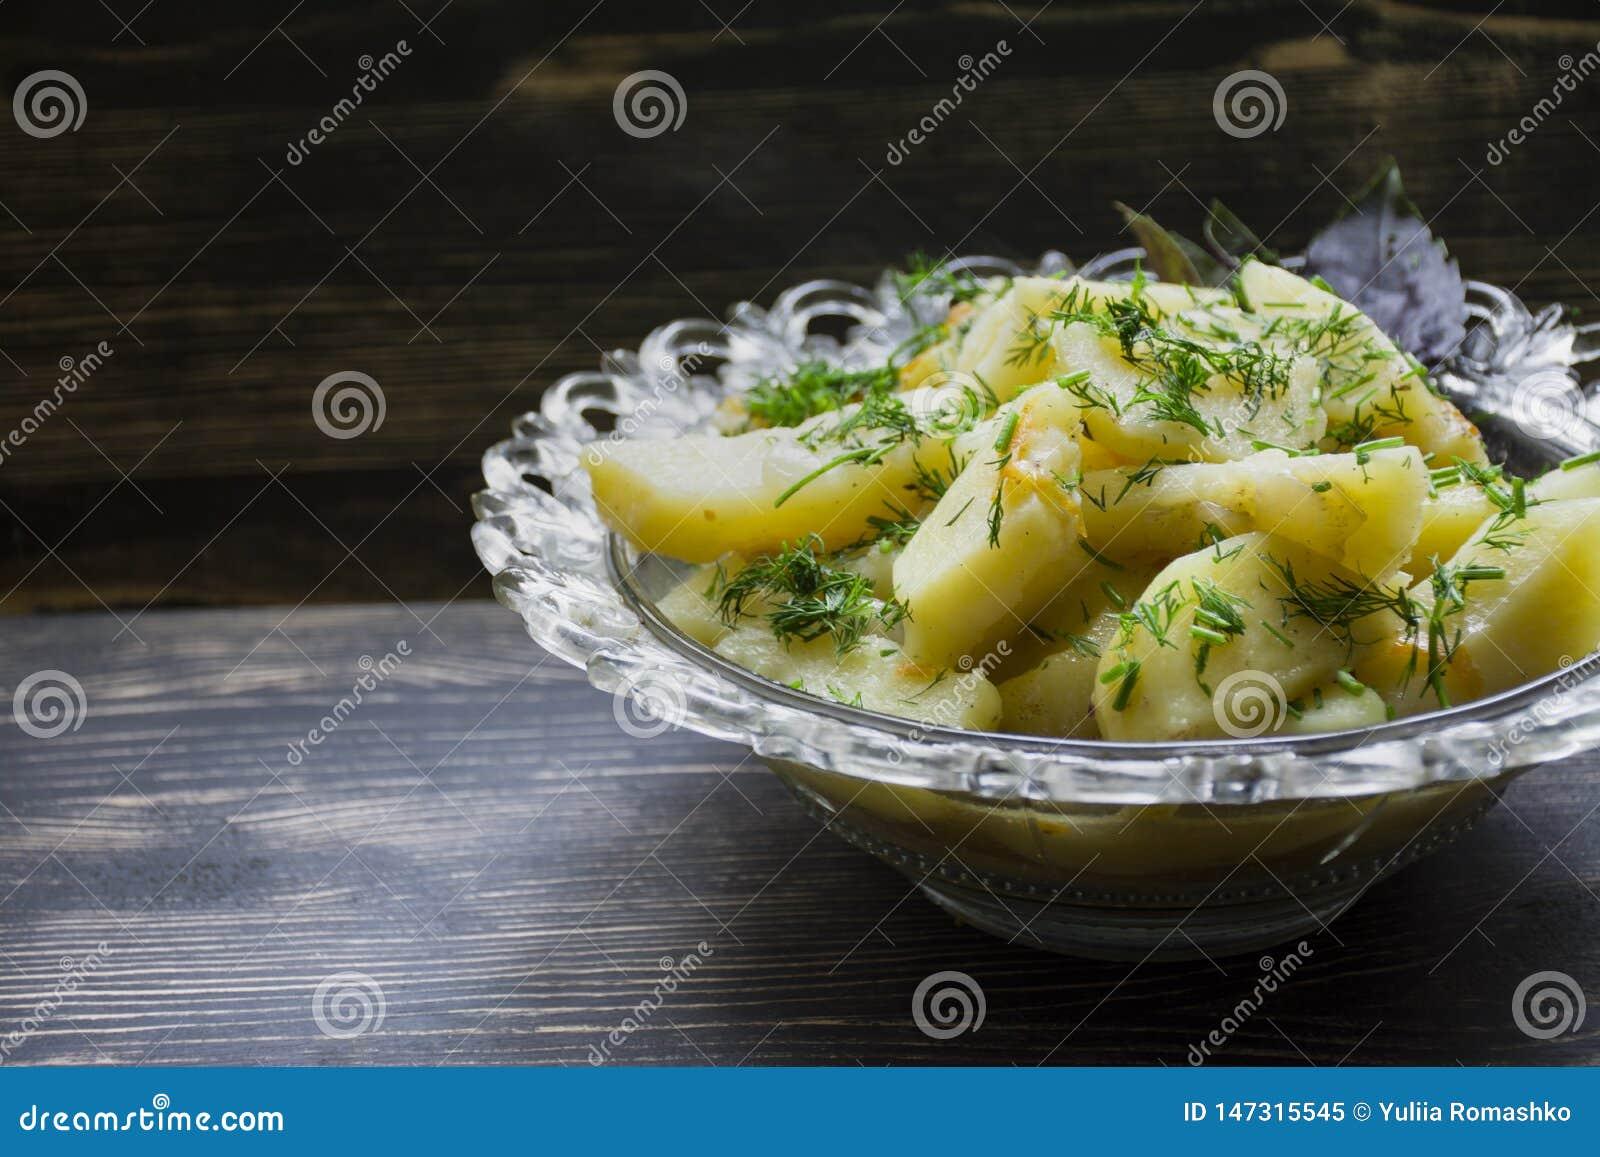 土豆炖与菜和草本 鲜美和滋补午餐